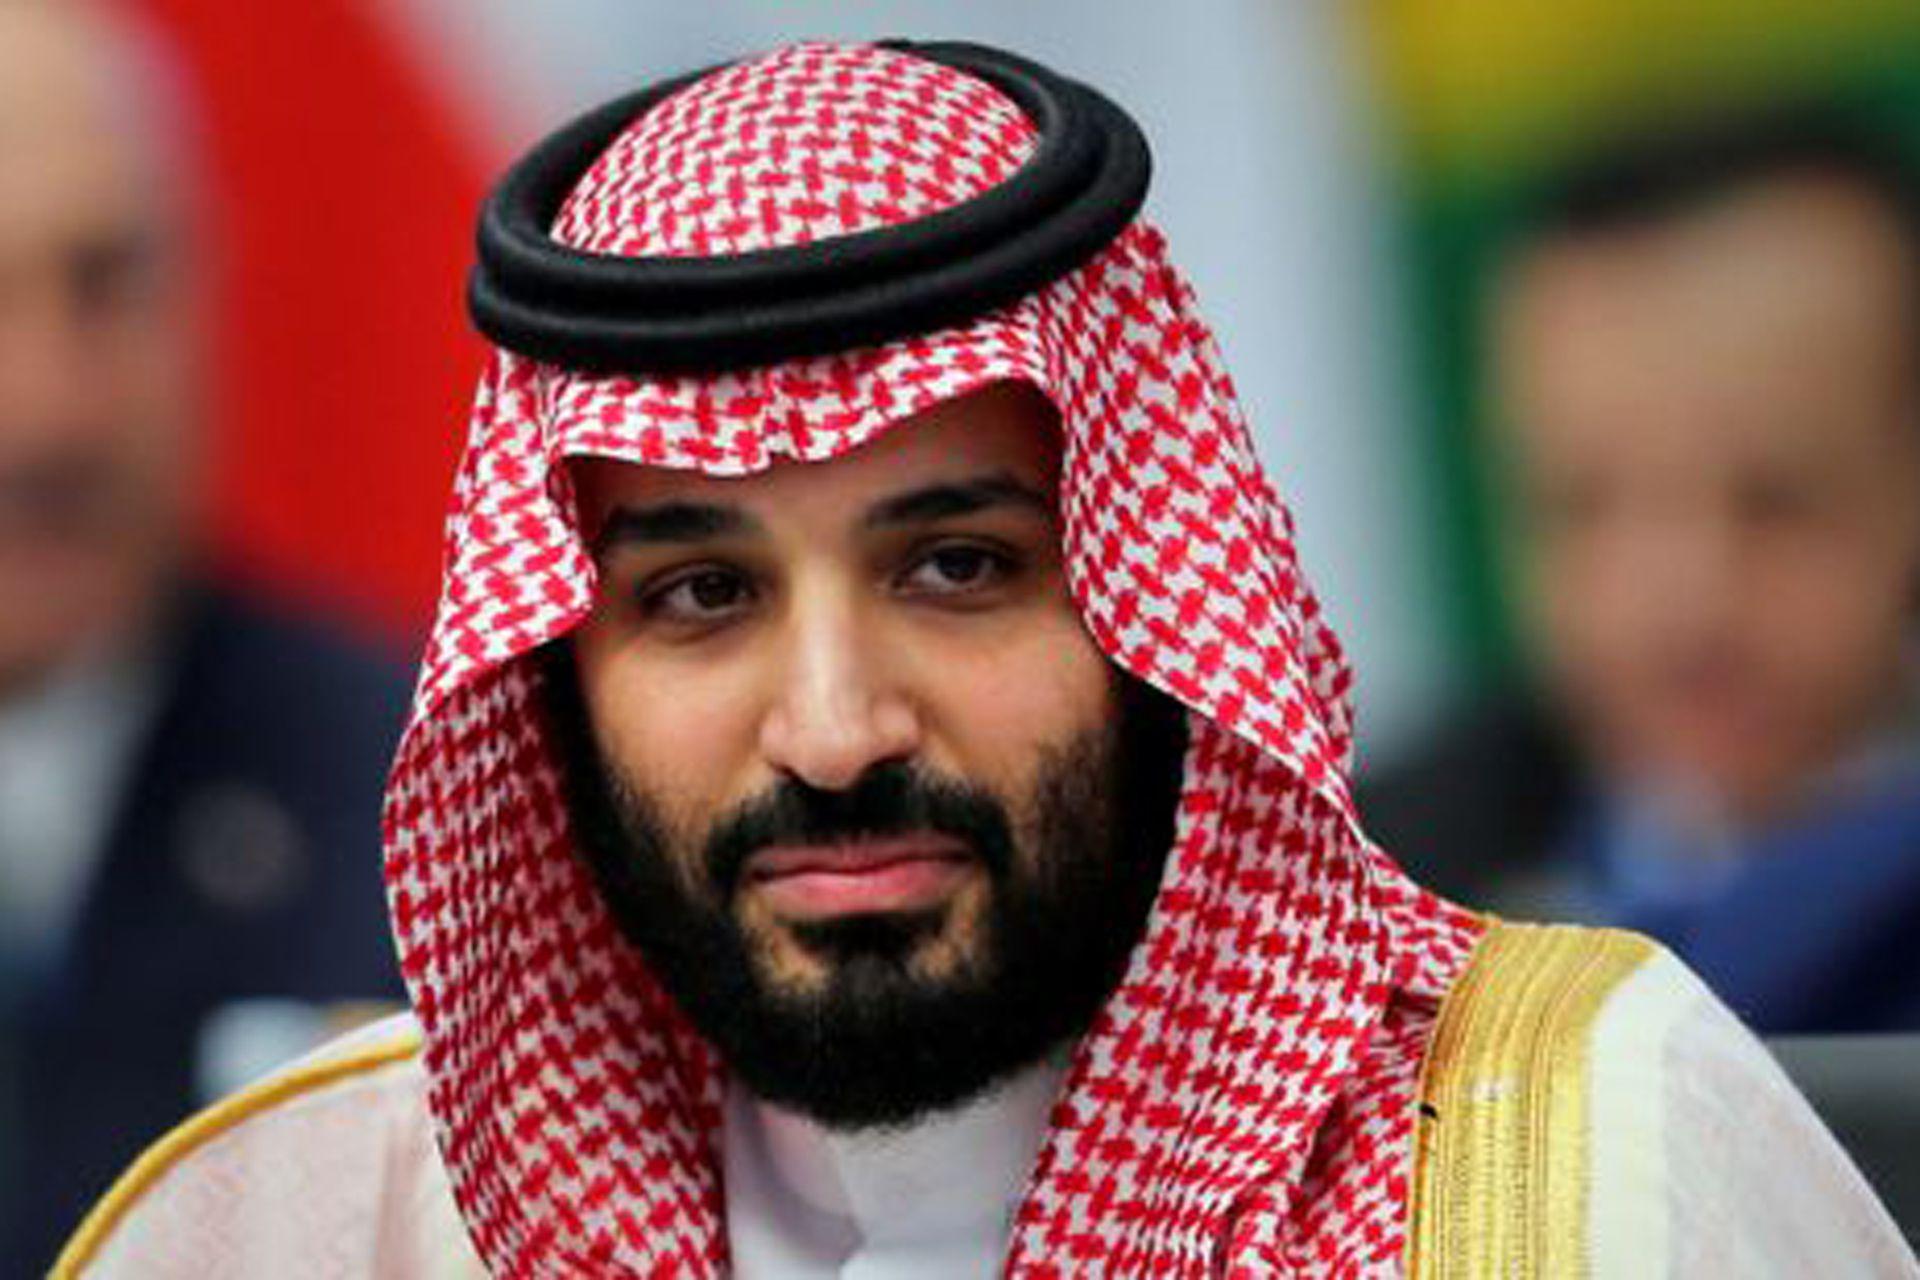 El príncipe heredero saudita Mohammed bin Salman calificó recientemente de error la muerte de Jamal Khashoggi